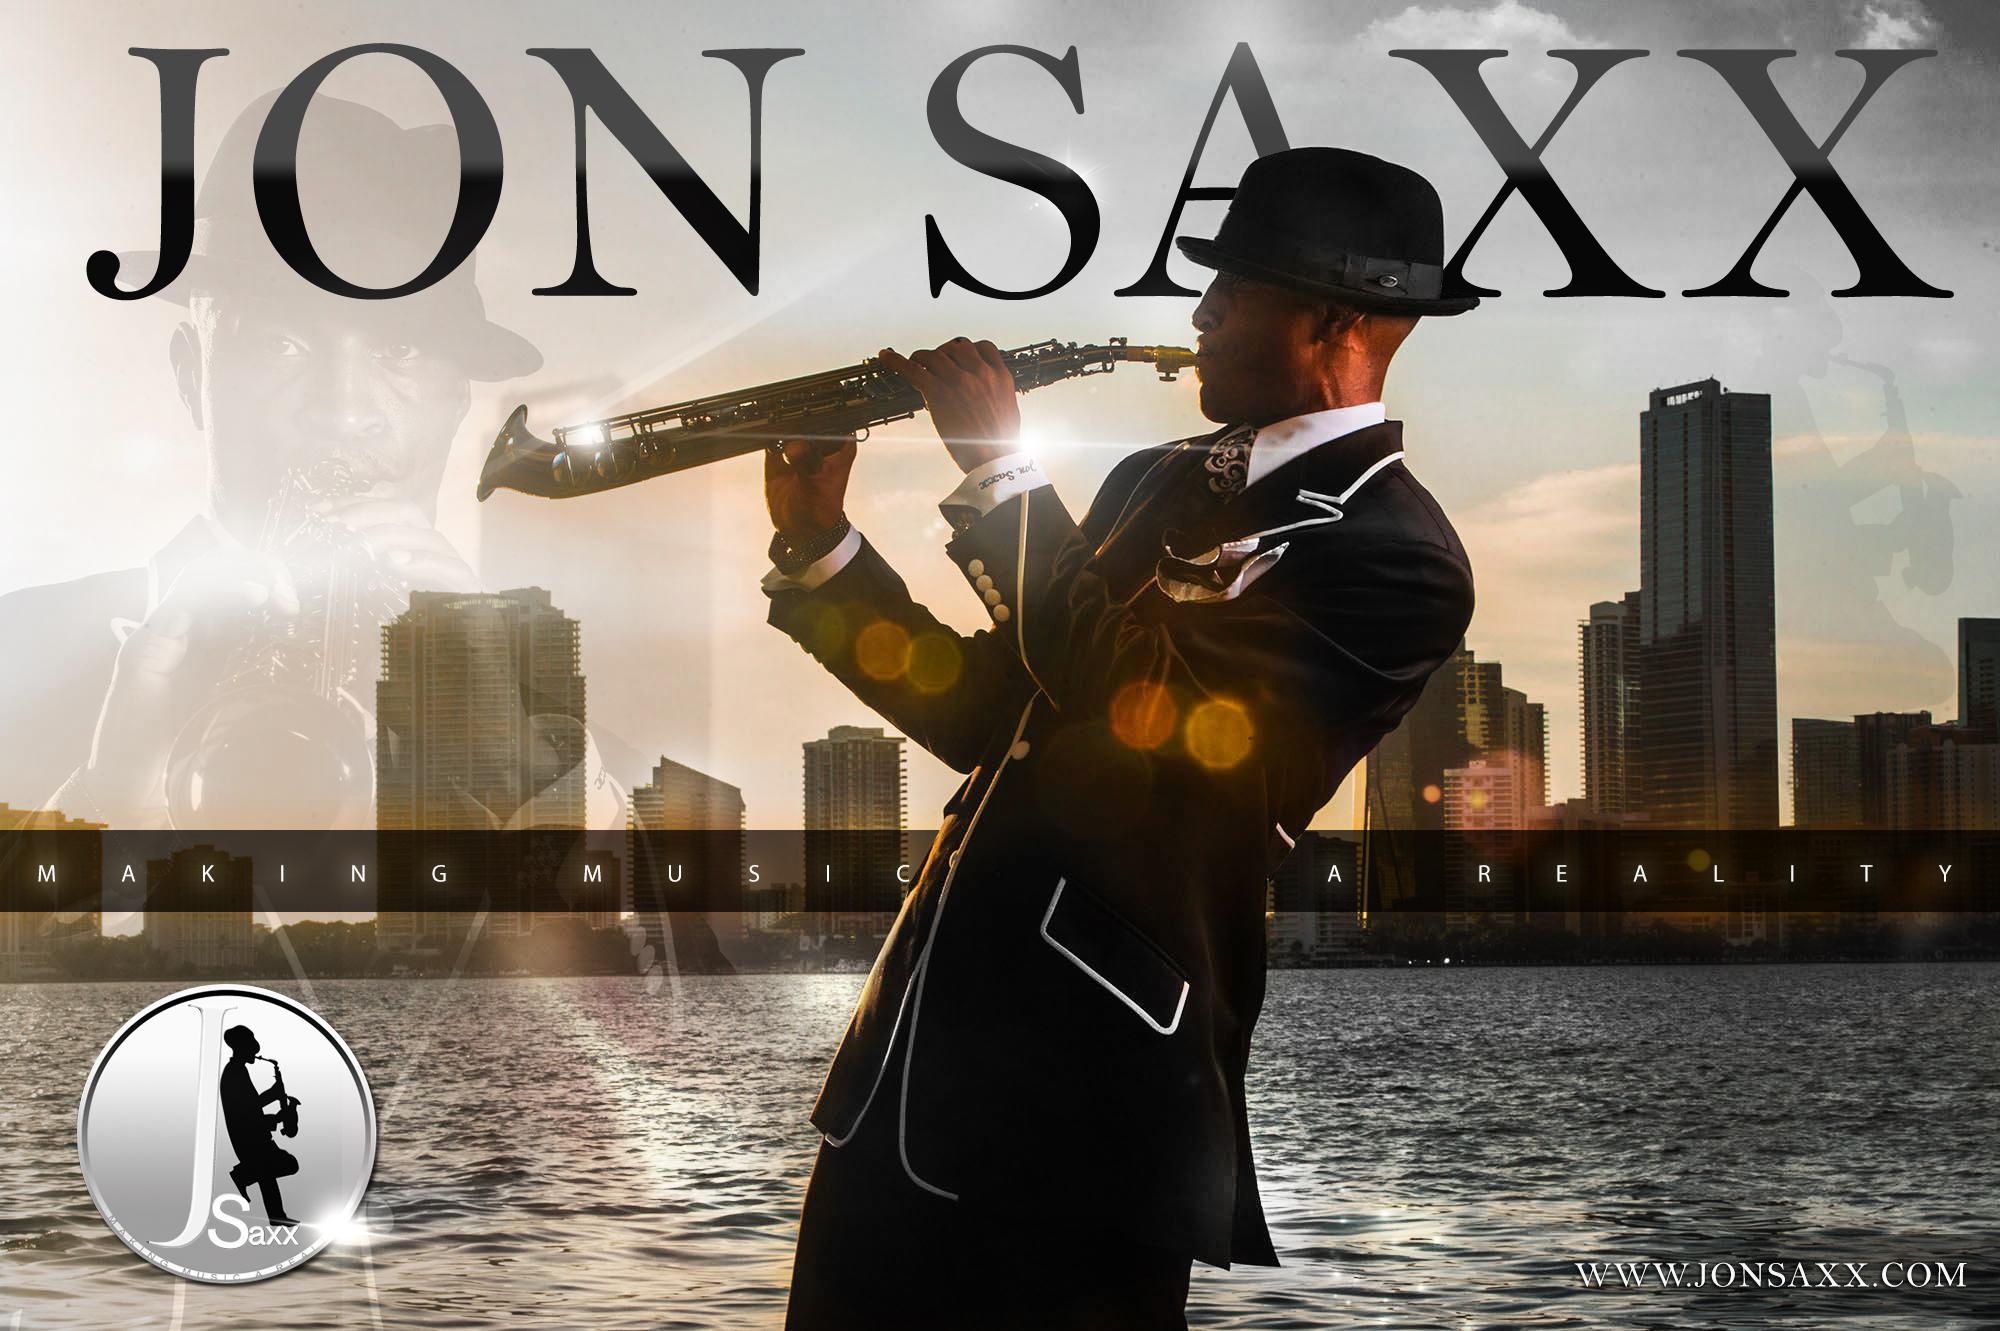 JON SAXX PROMO PIC 2